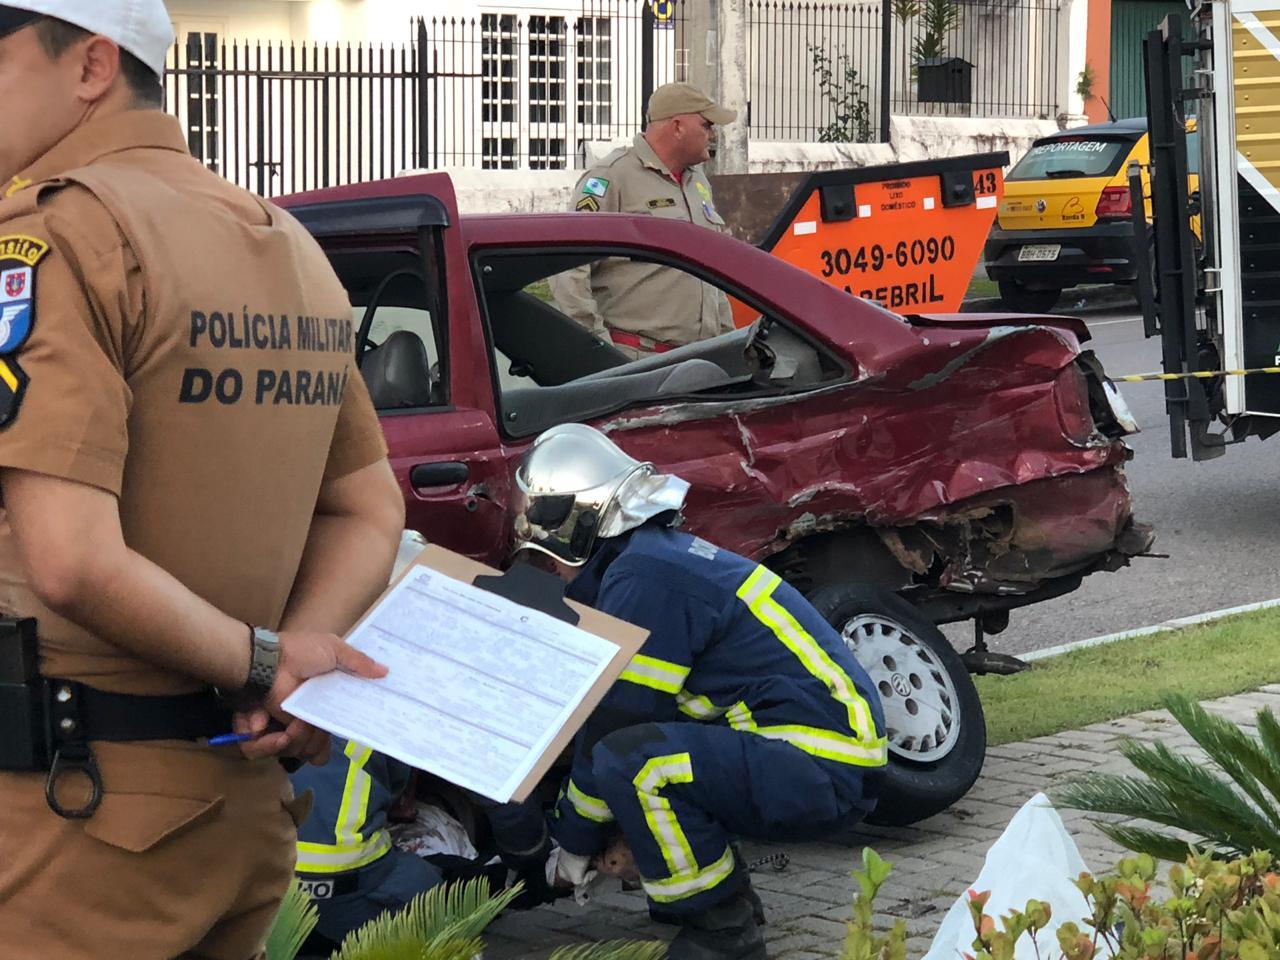 O acidente aconteceu no Batel, na esquina da rua Desembargador Costa Carvalho com a avenida Vicente Machado. (Foto: Tais Santana, da RIC TV | RECORD TV)